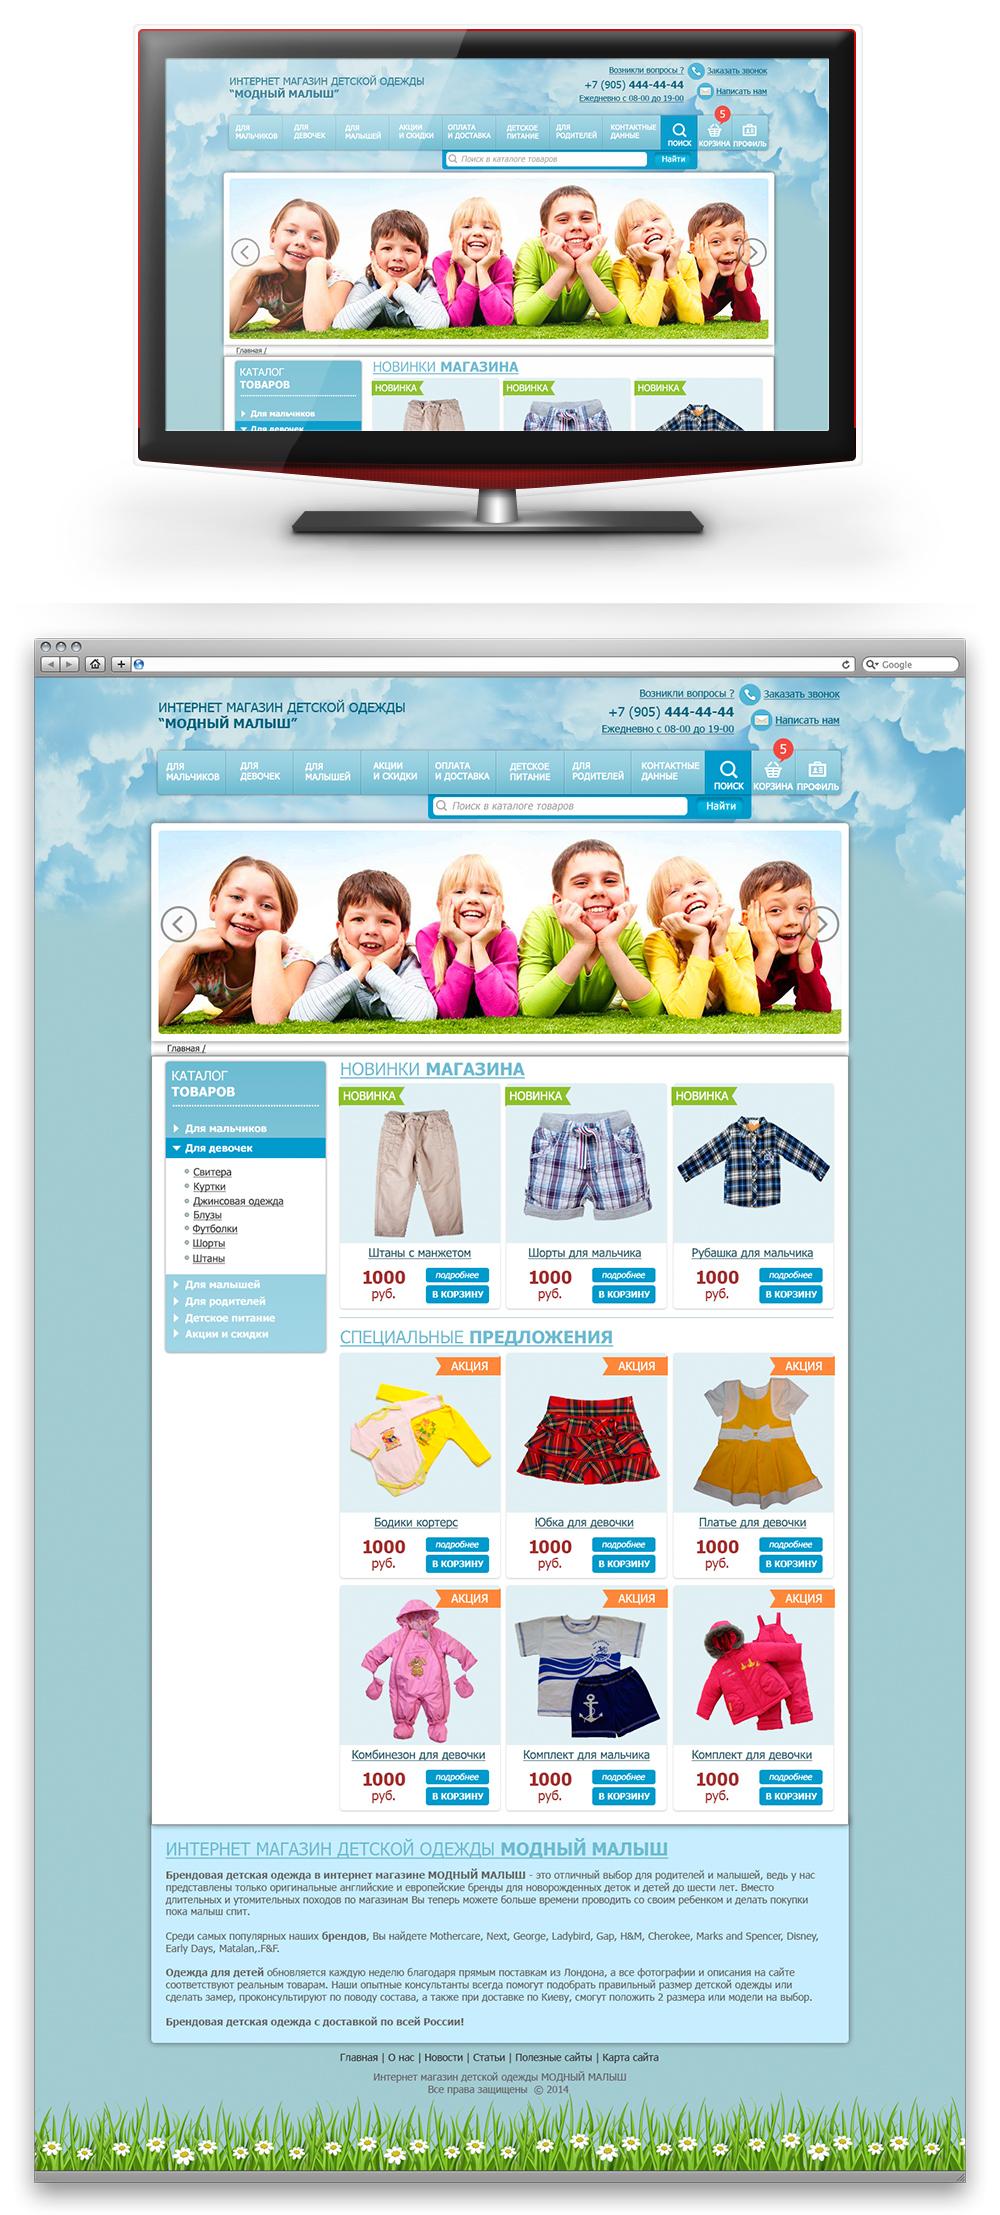 Дизайн интернет магазина по продаже детских вещей